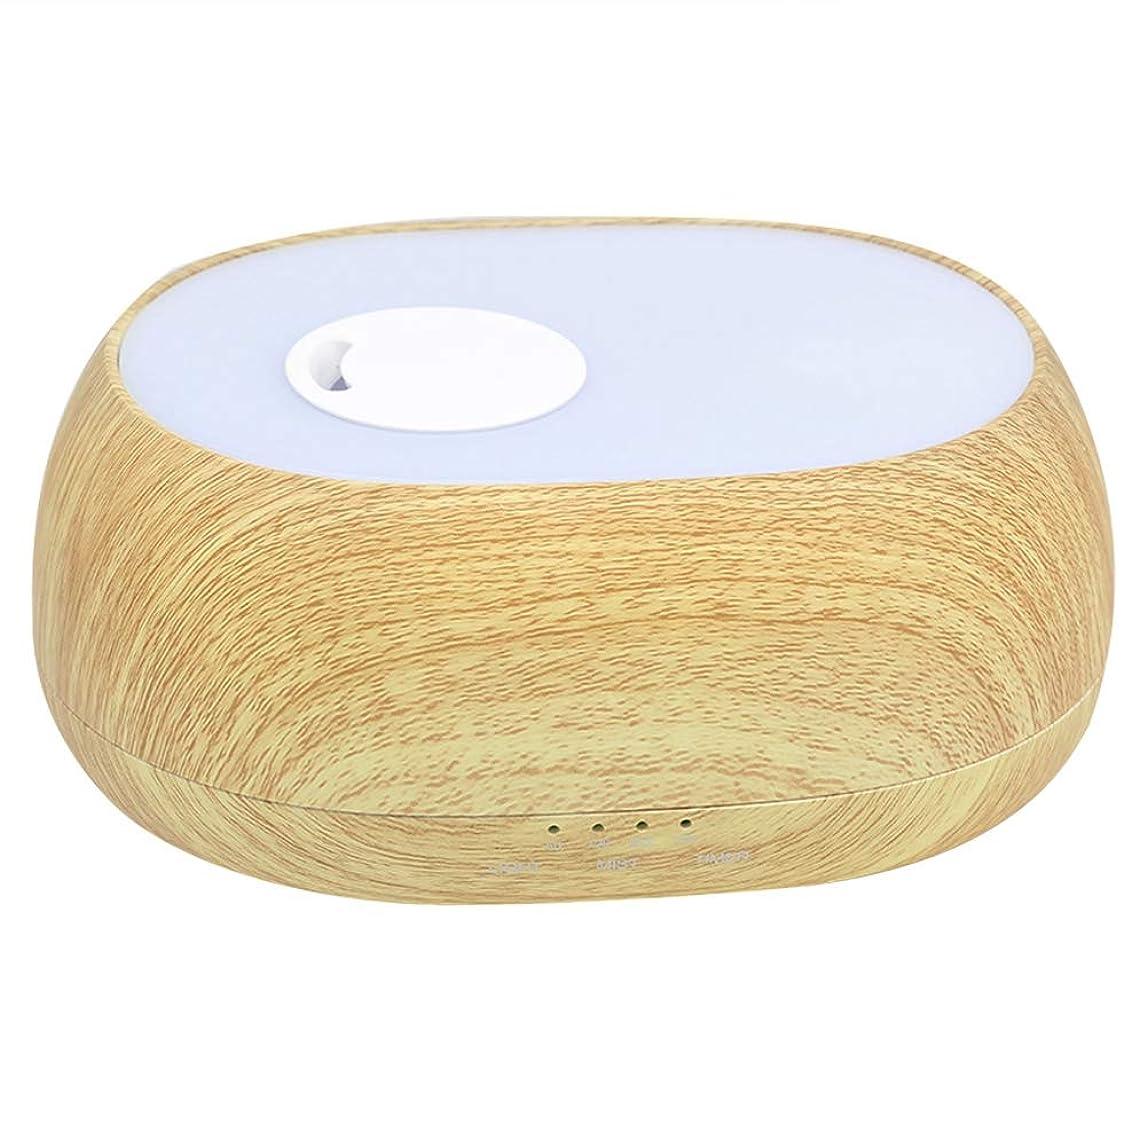 革命的主人農民加湿器 超音波 クールミスト 7色ライト アロマセラピー 芳香 オイル蒸発器 ディフューザー エッセンシャルオイル エアー浄化 (500ml)(#1)